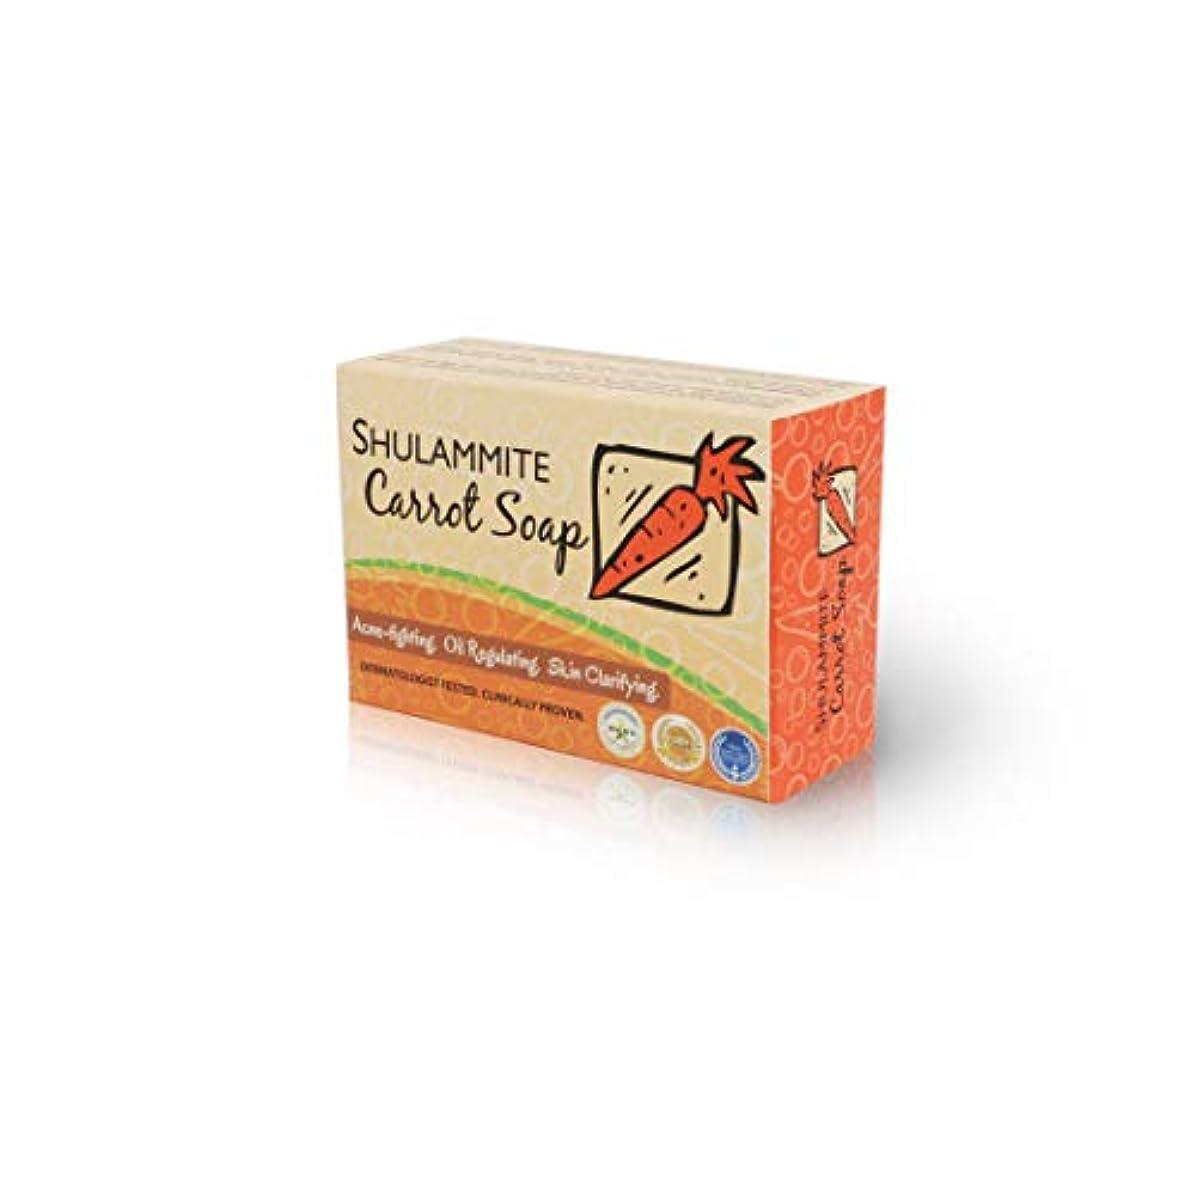 立証する沿って平日SHULAMMITE Carrot Soap キャロットソープ150g 正規輸入代理店